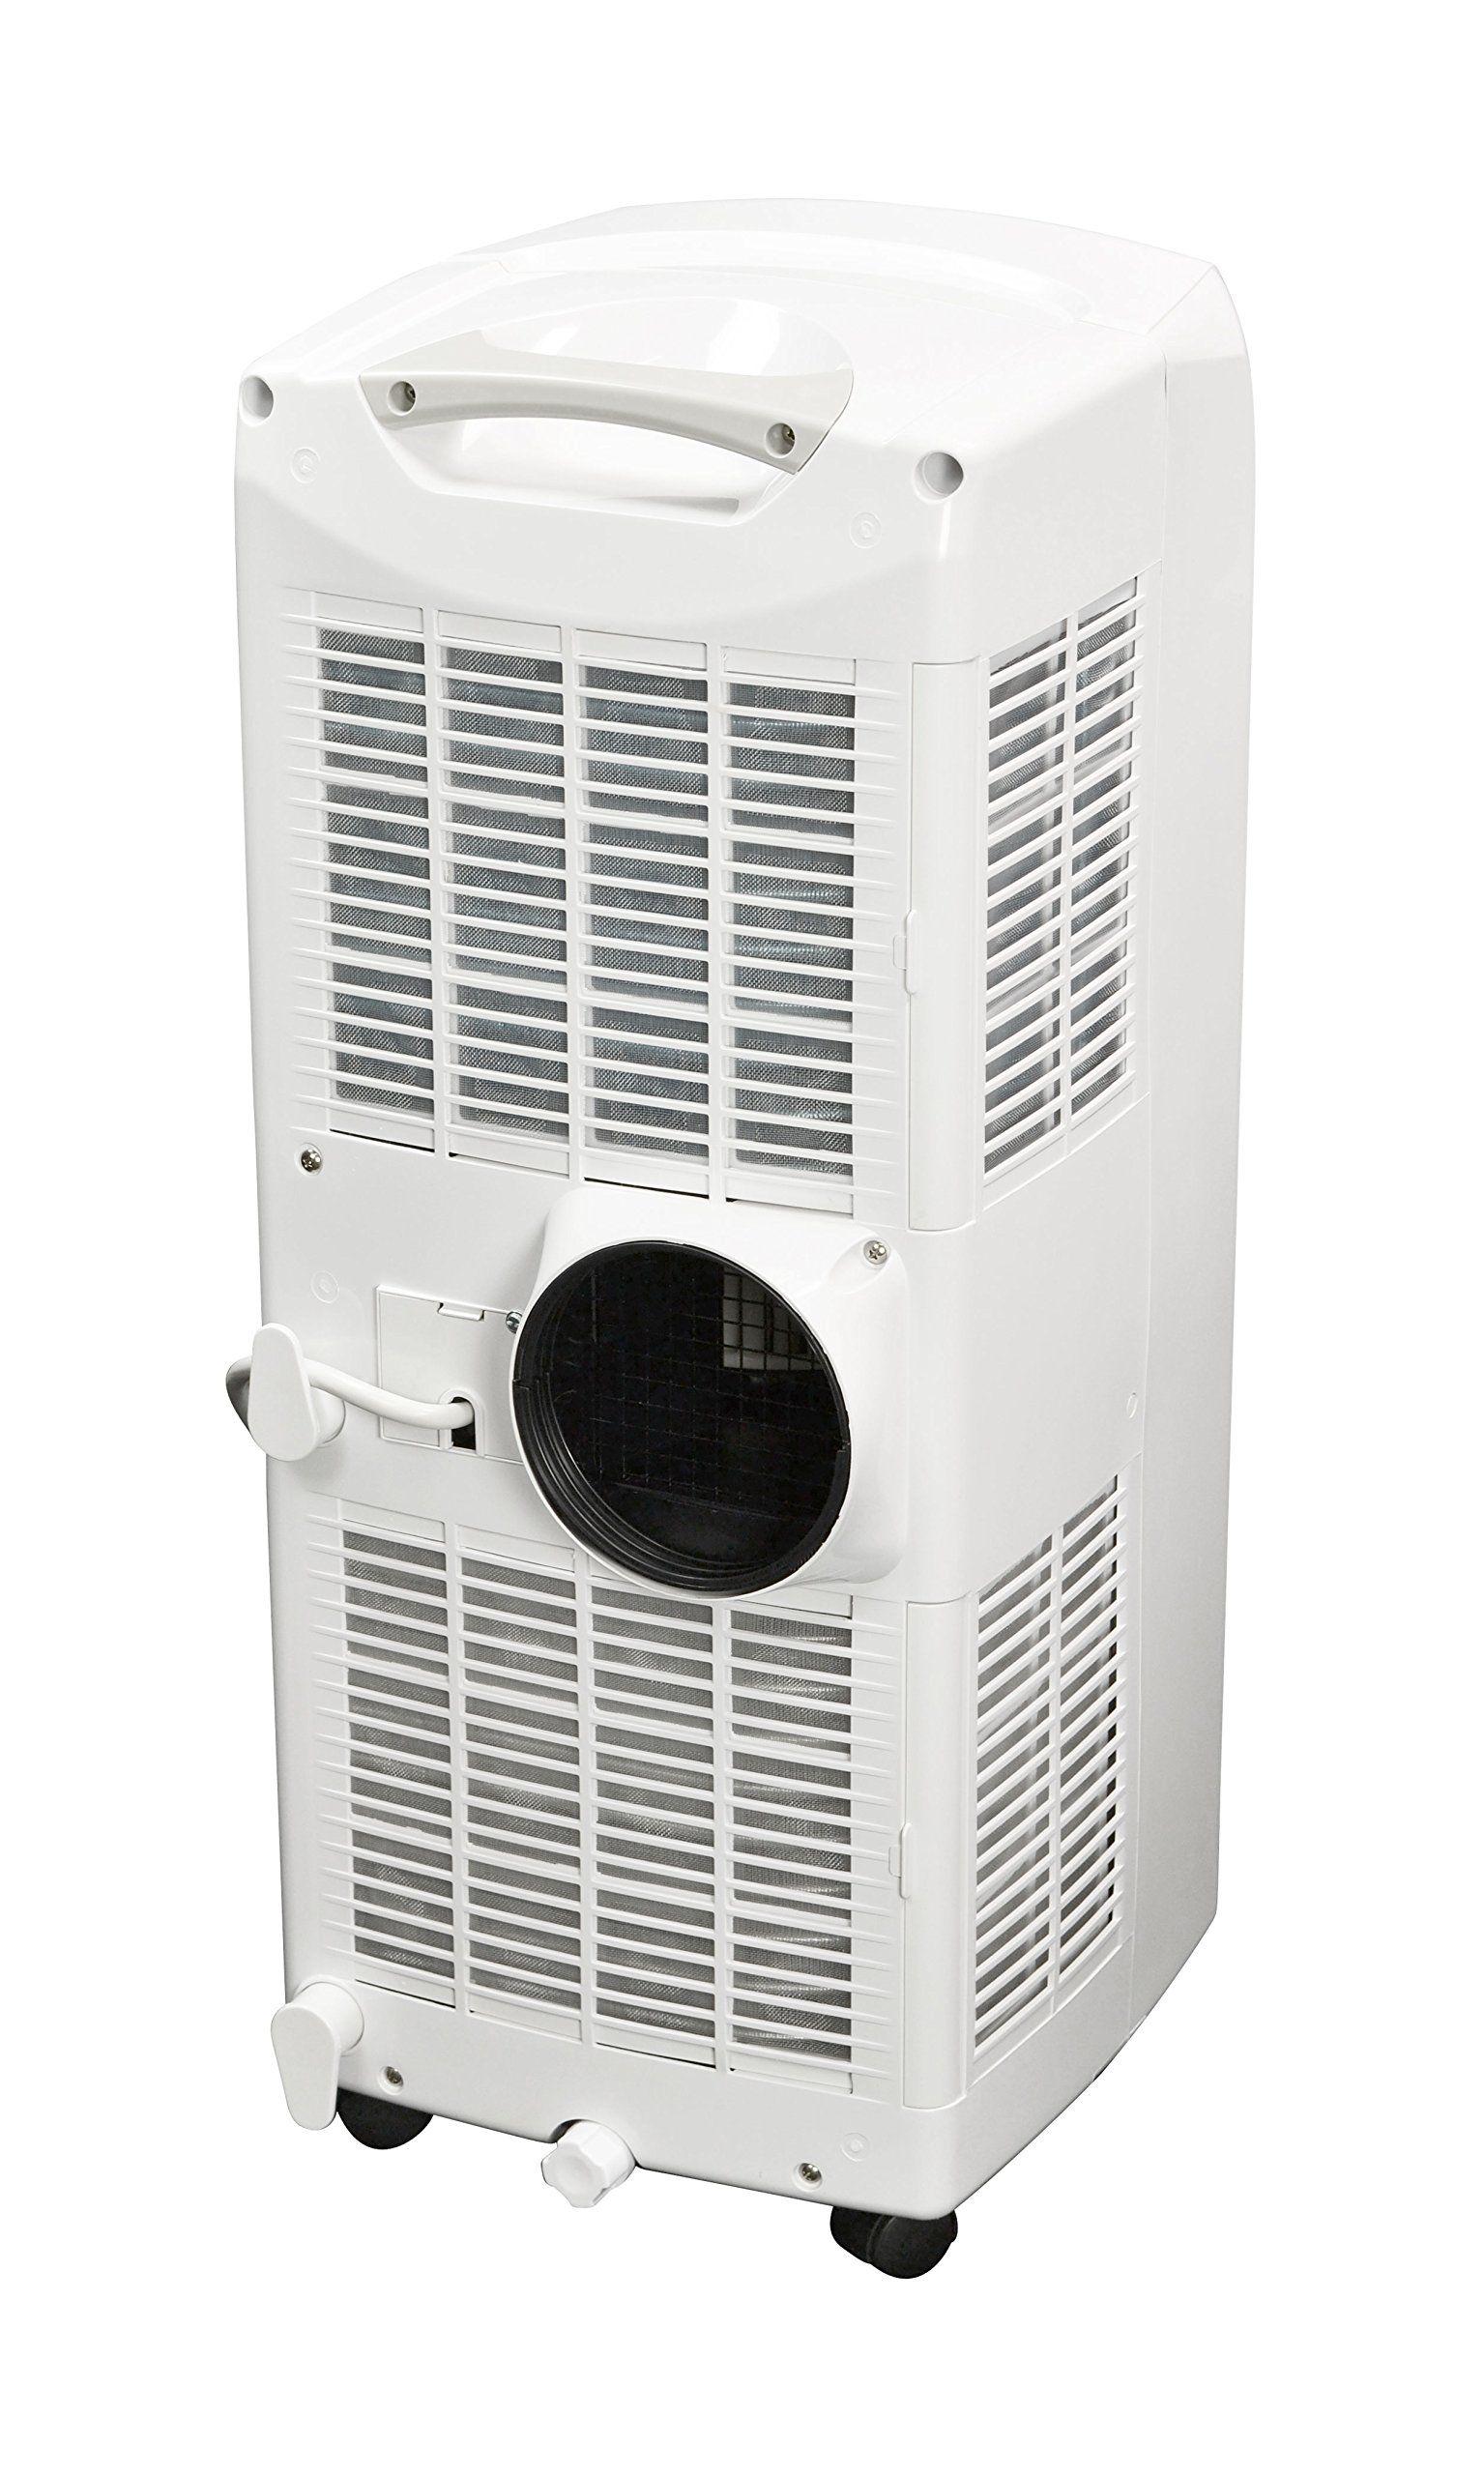 NewAir AC10100H Ultra Compact 10000 BTU Portable Air